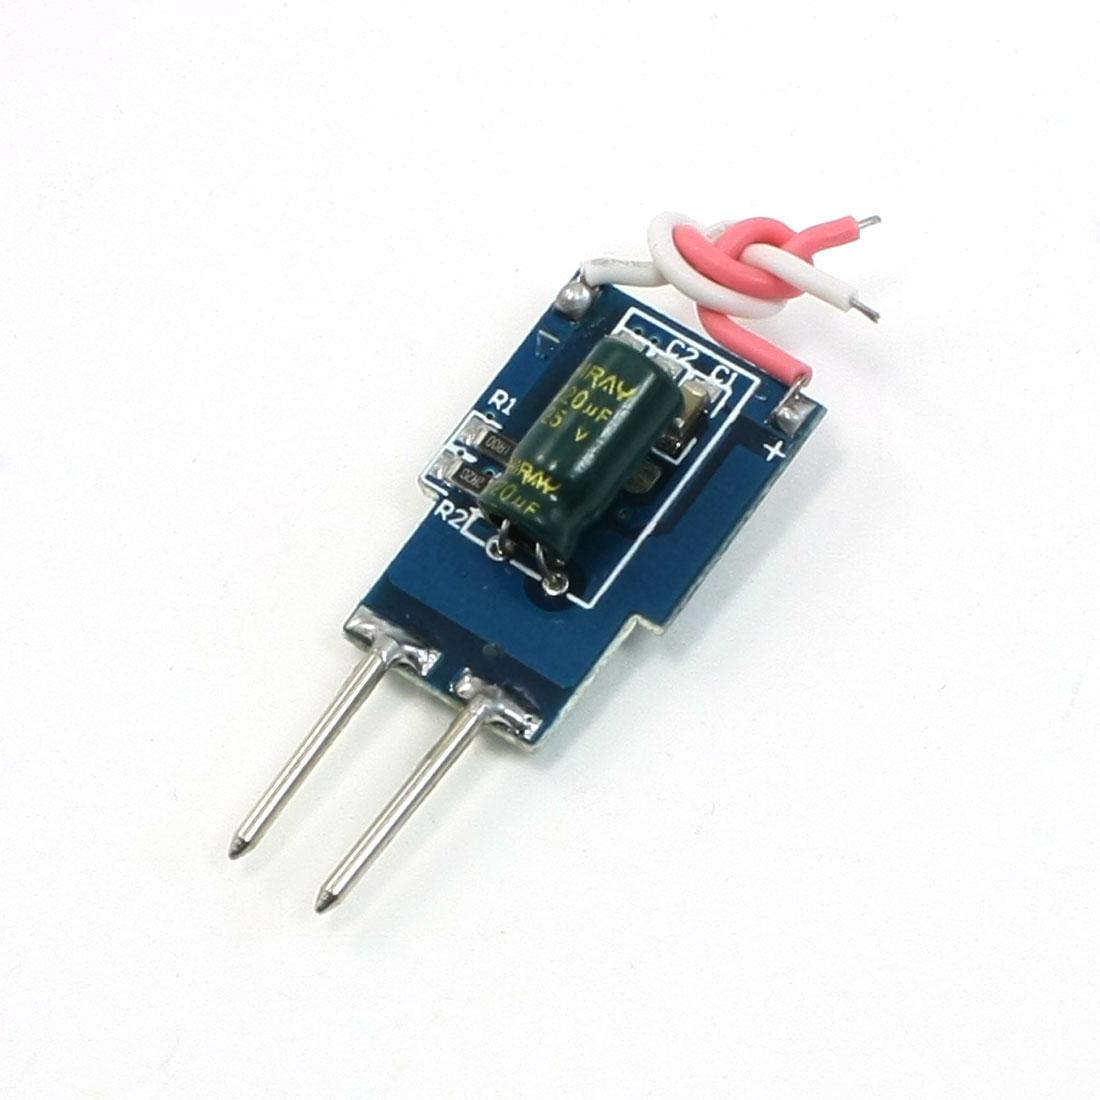 AC 110V-220V Input DC 8V-11V Output Power Supply Module for 4-7W LED Strip Light